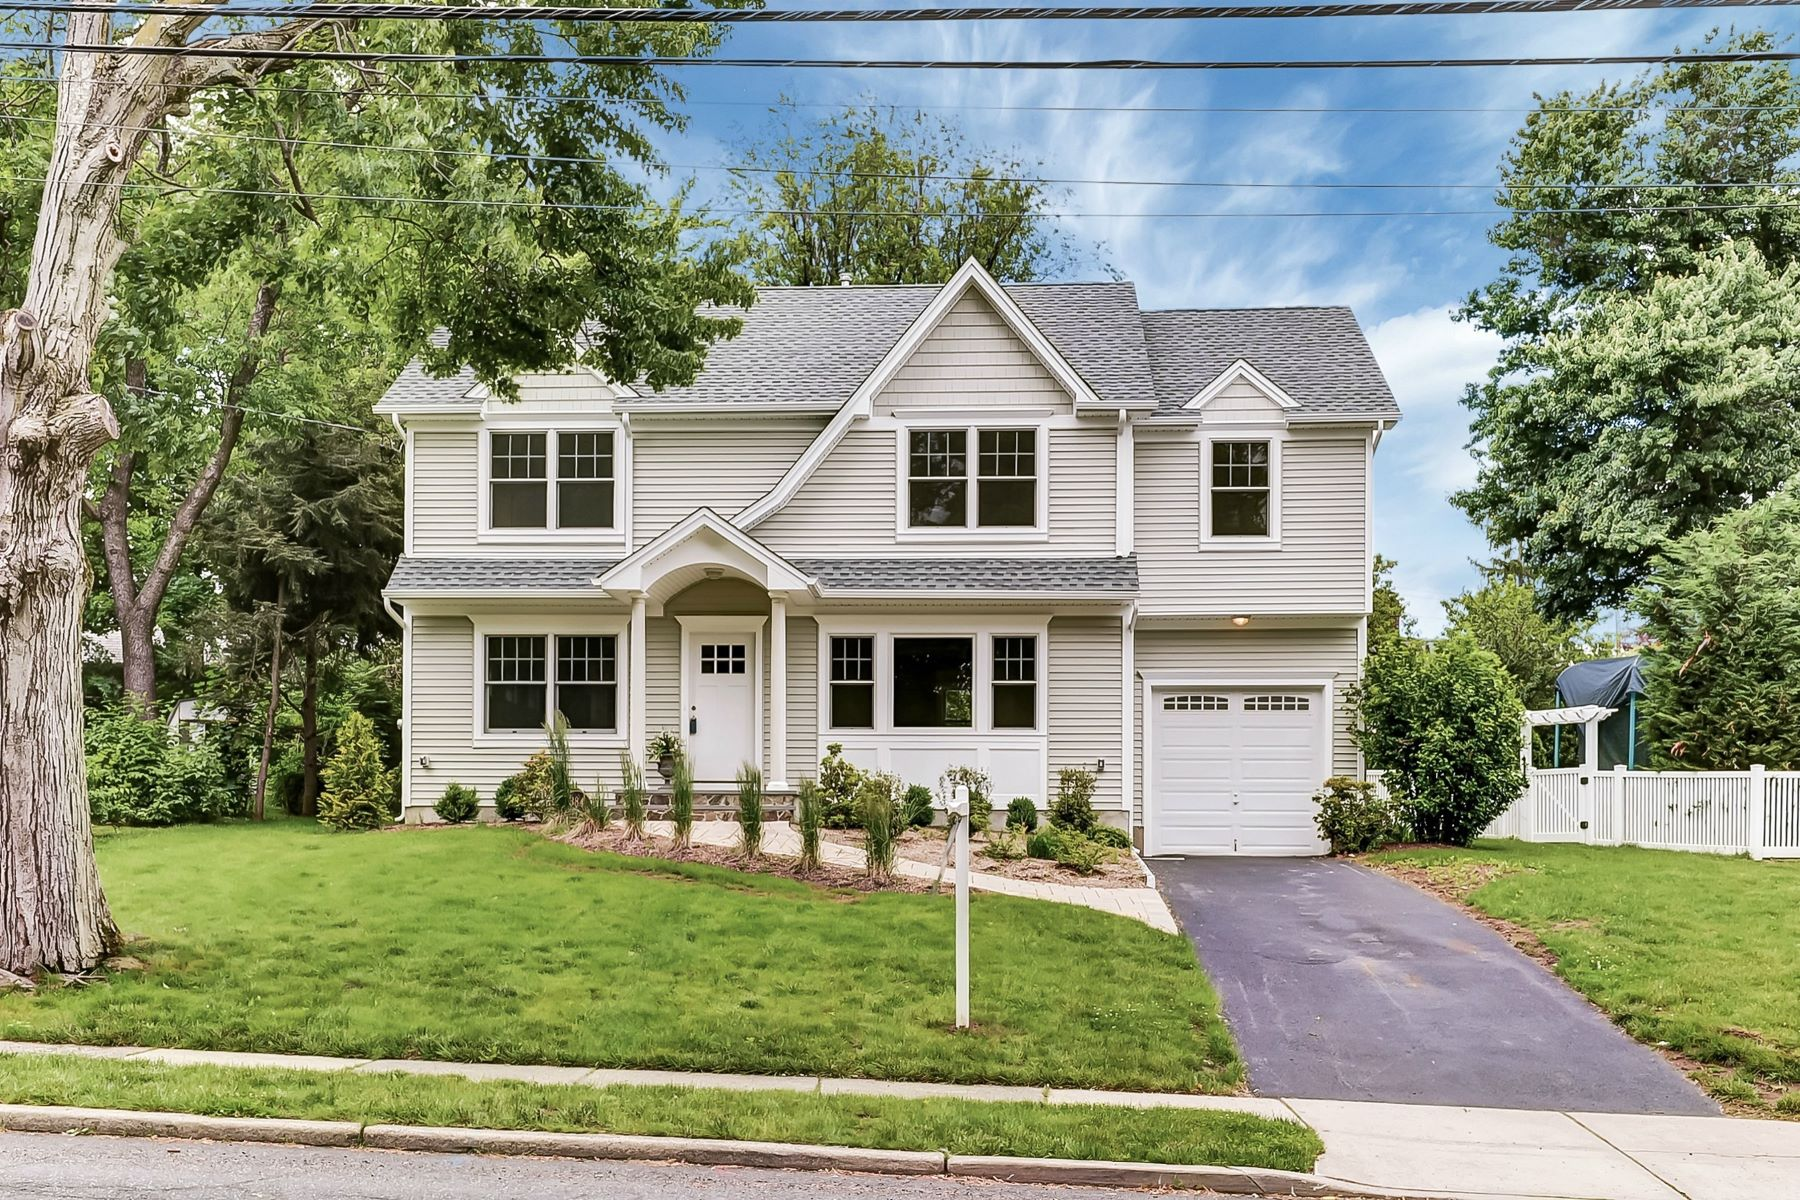 Maison unifamiliale pour l Vente à Your Search Is Over 384 Boulevard Glen Rock, New Jersey 07452 États-Unis